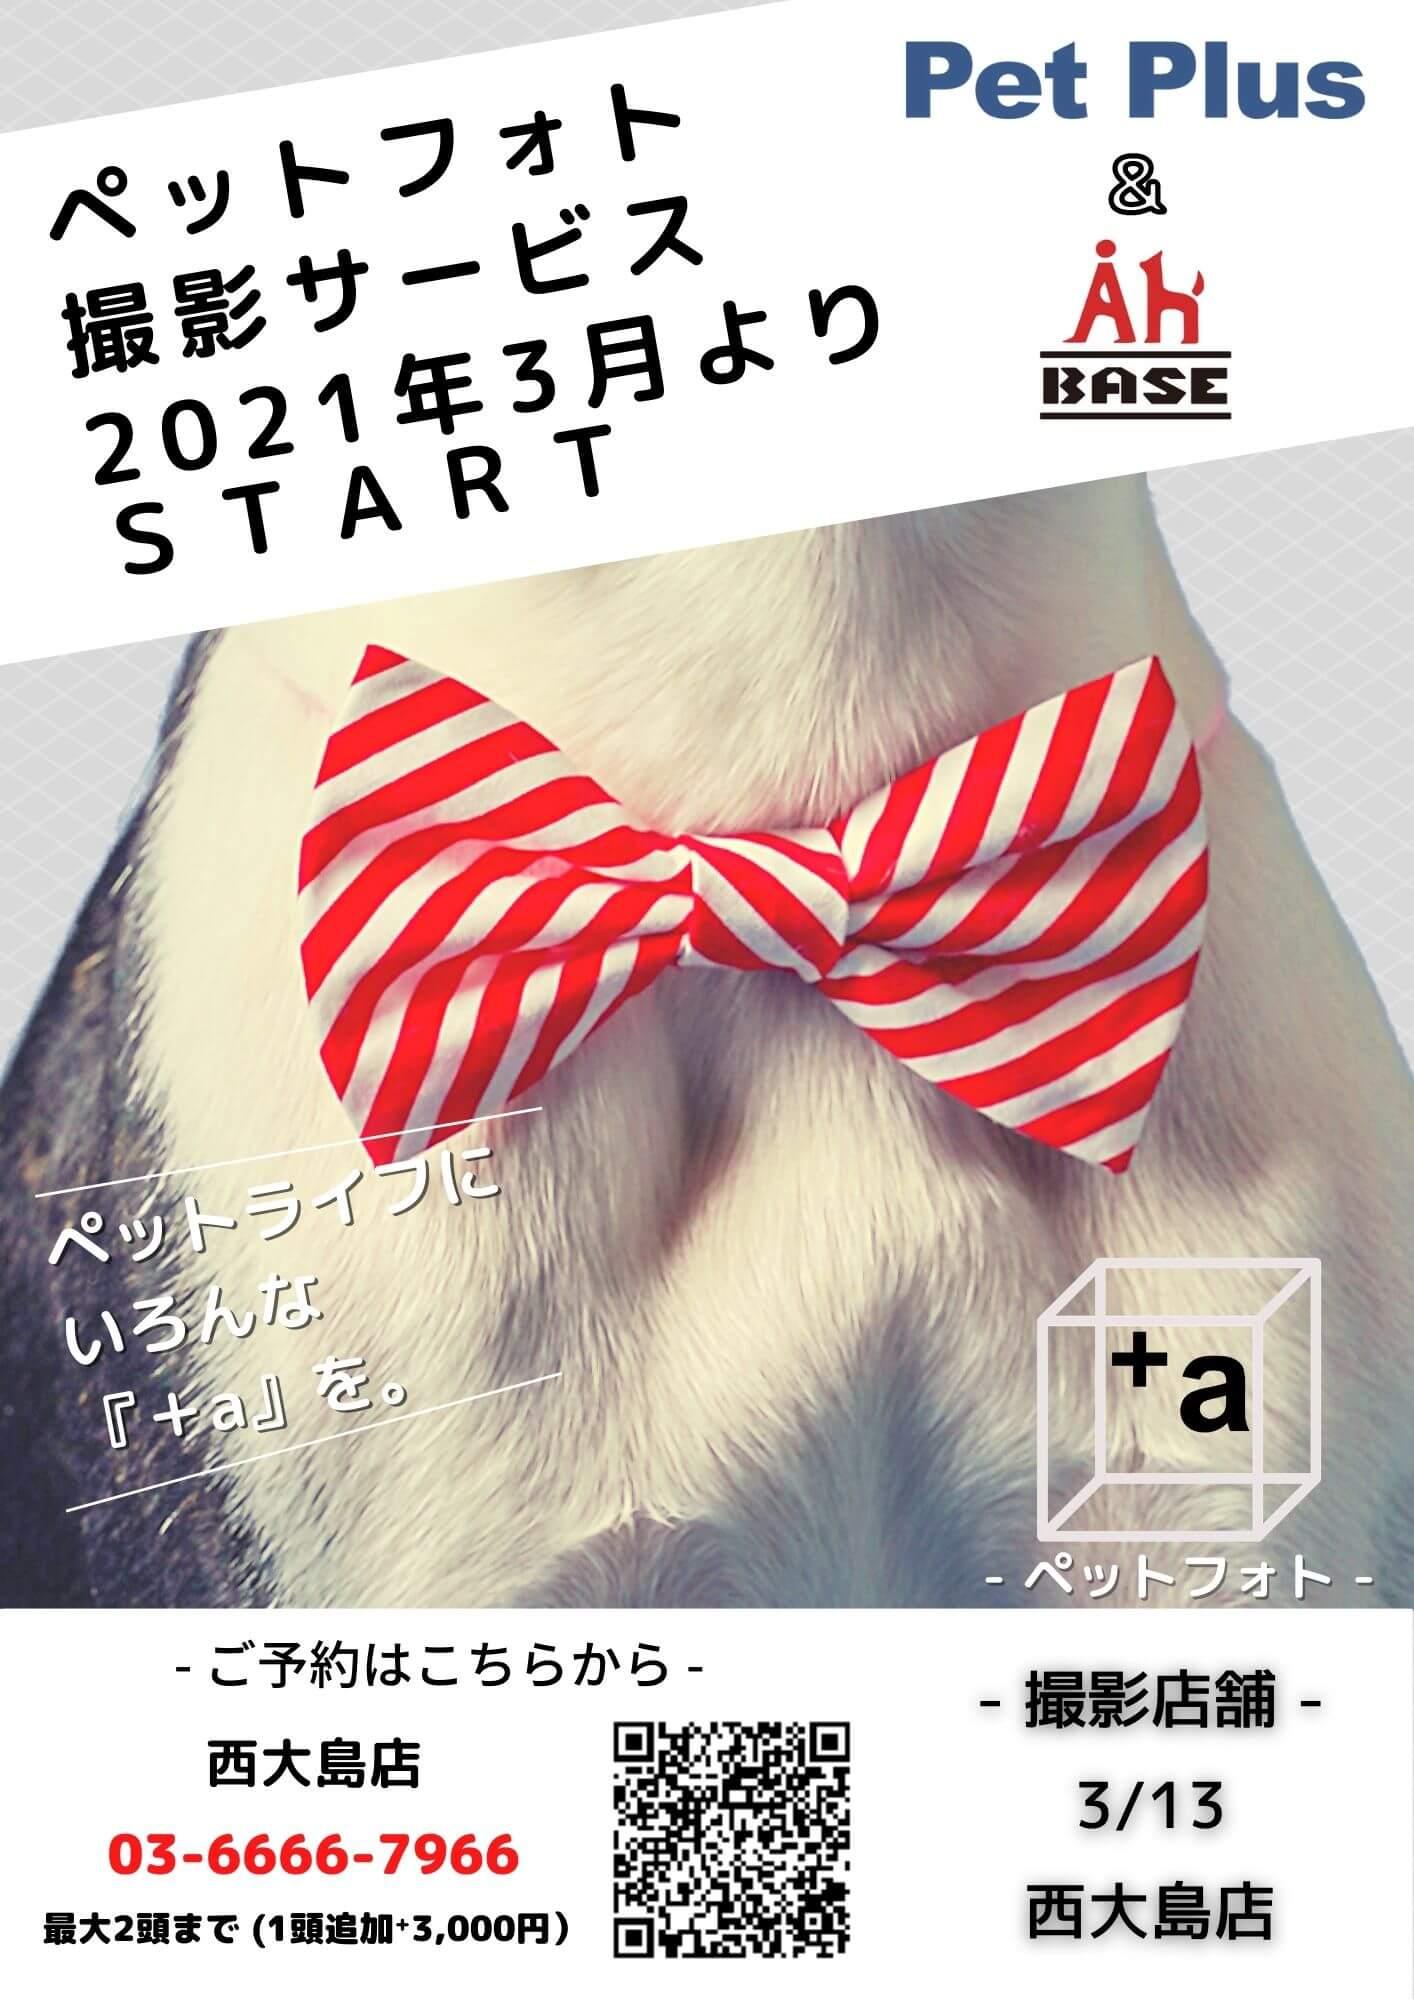 3月13日 +a撮影会 西大島店開催